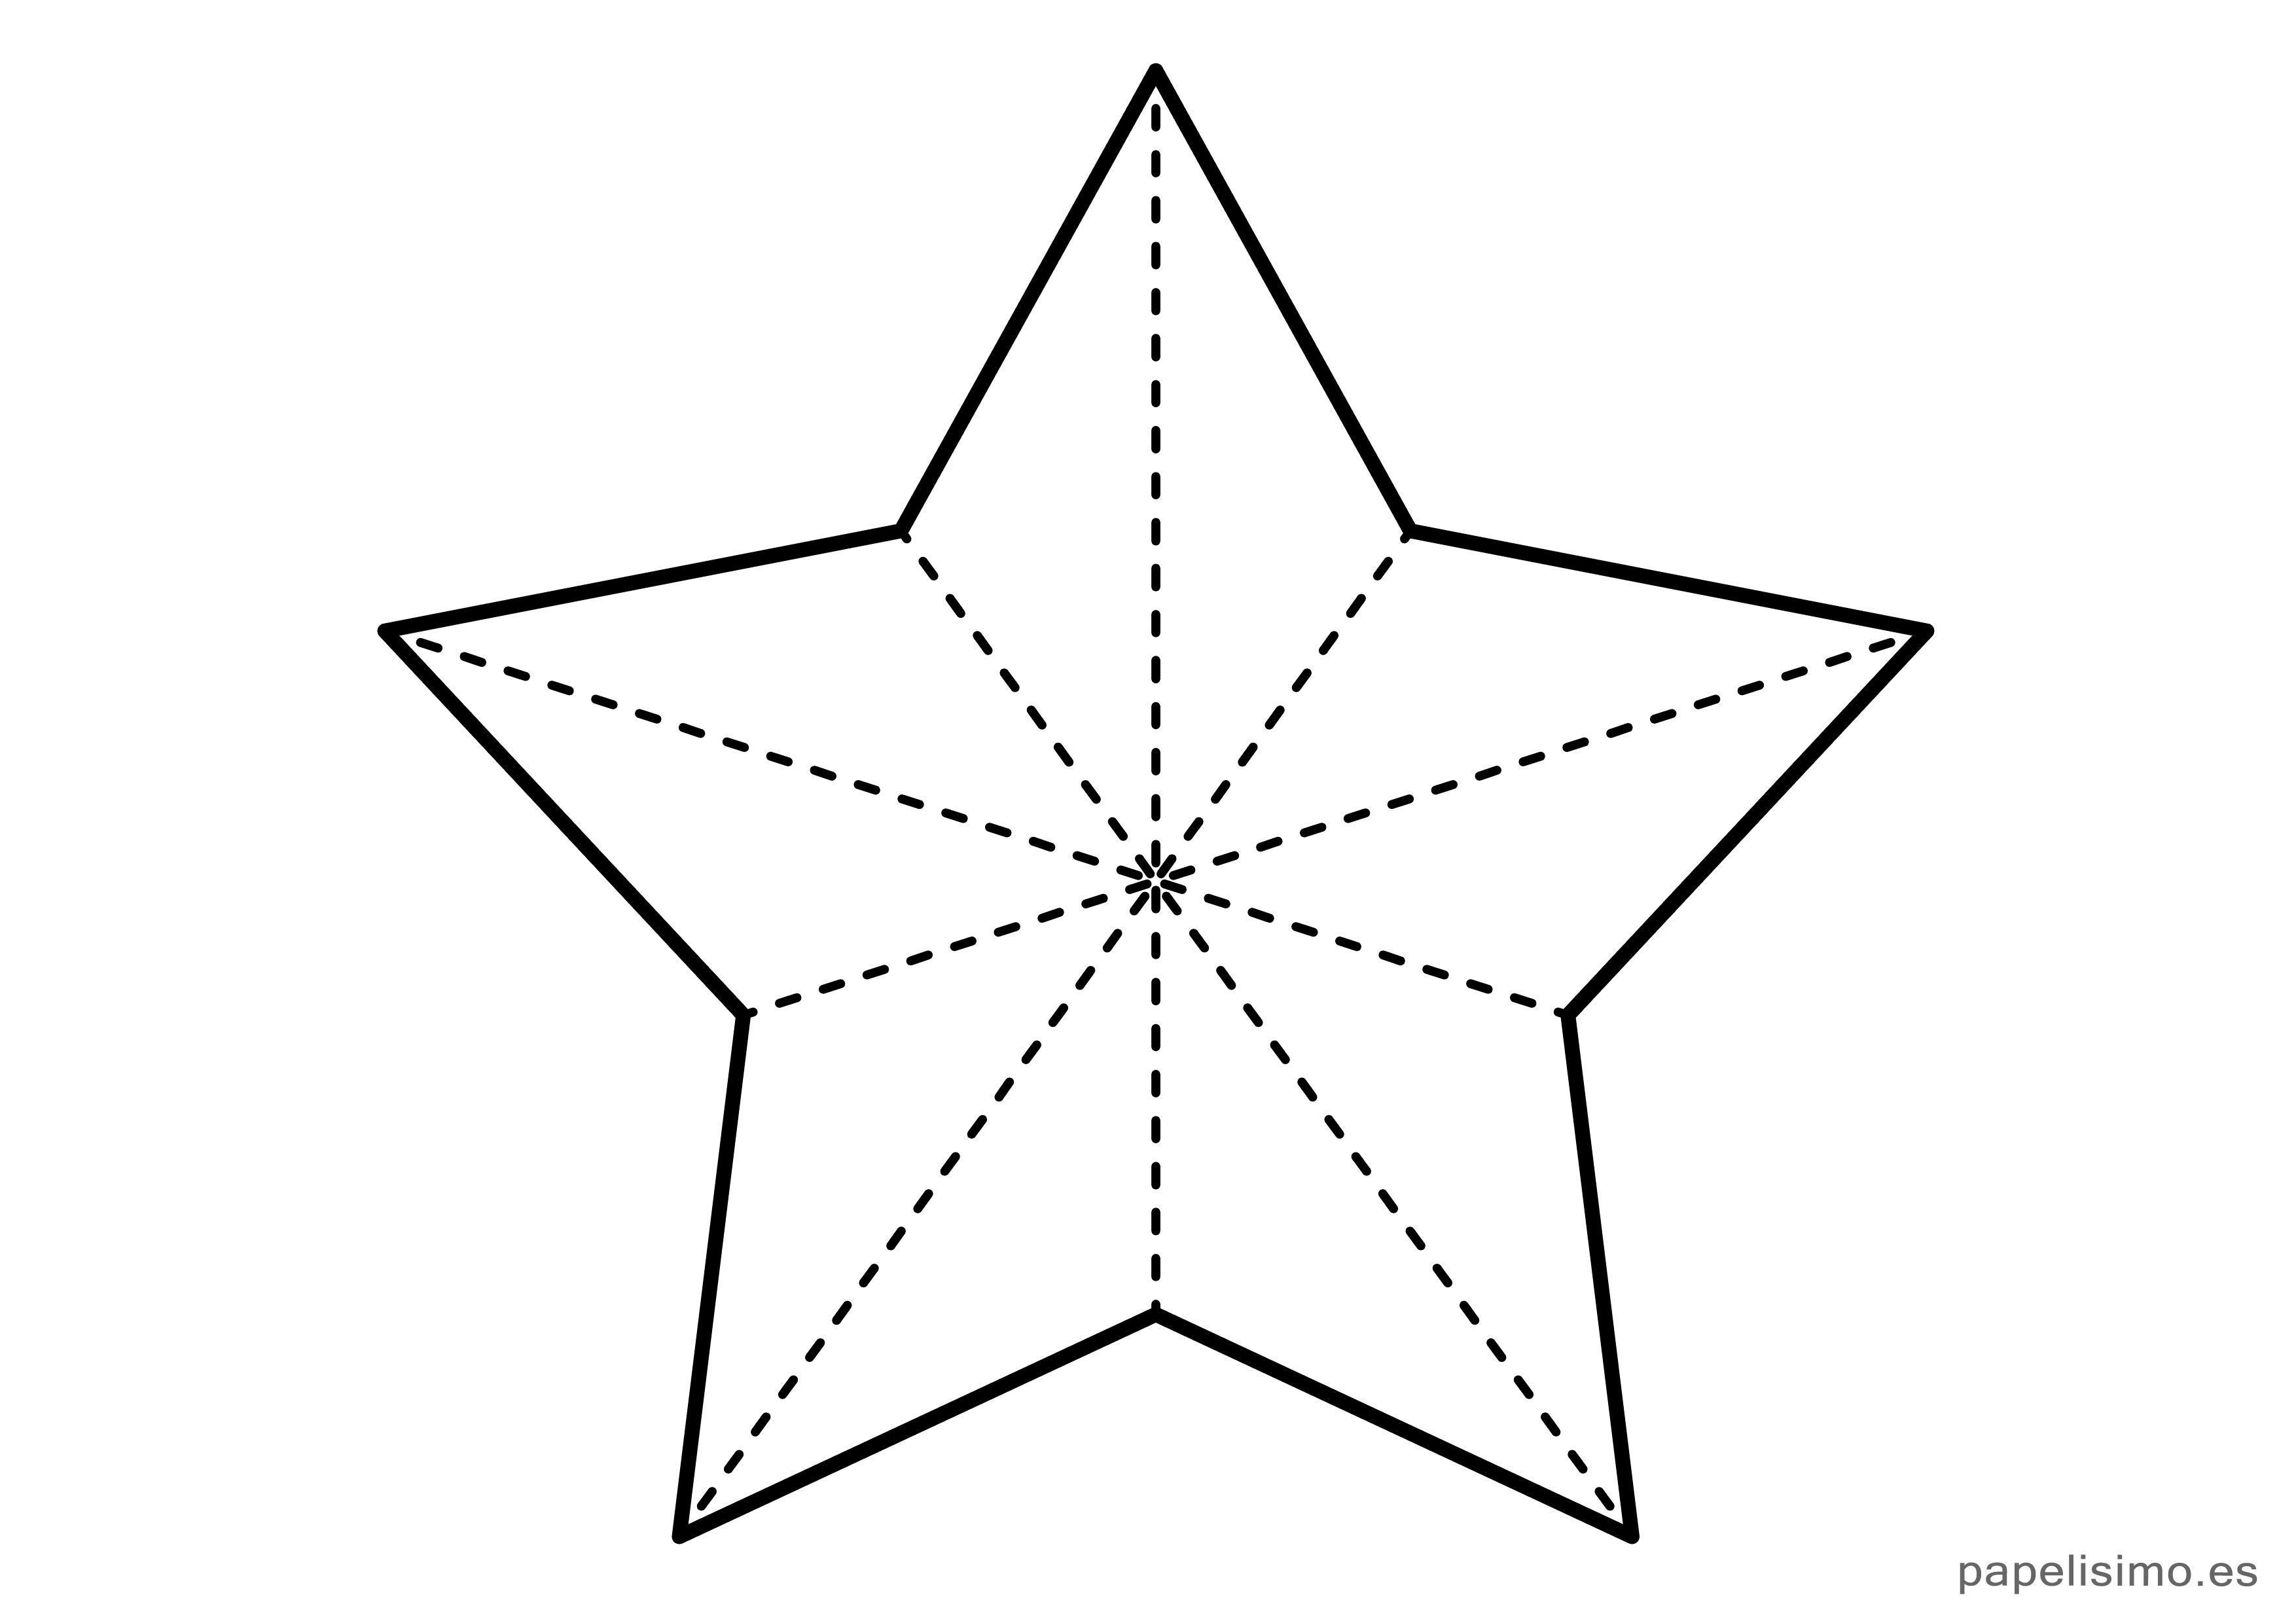 Plantilla Estrella Cinco Puntas Navidad Grande Estrella De Navidad Manualidades Estrellas De Papel Navidad Estrellas De Papel